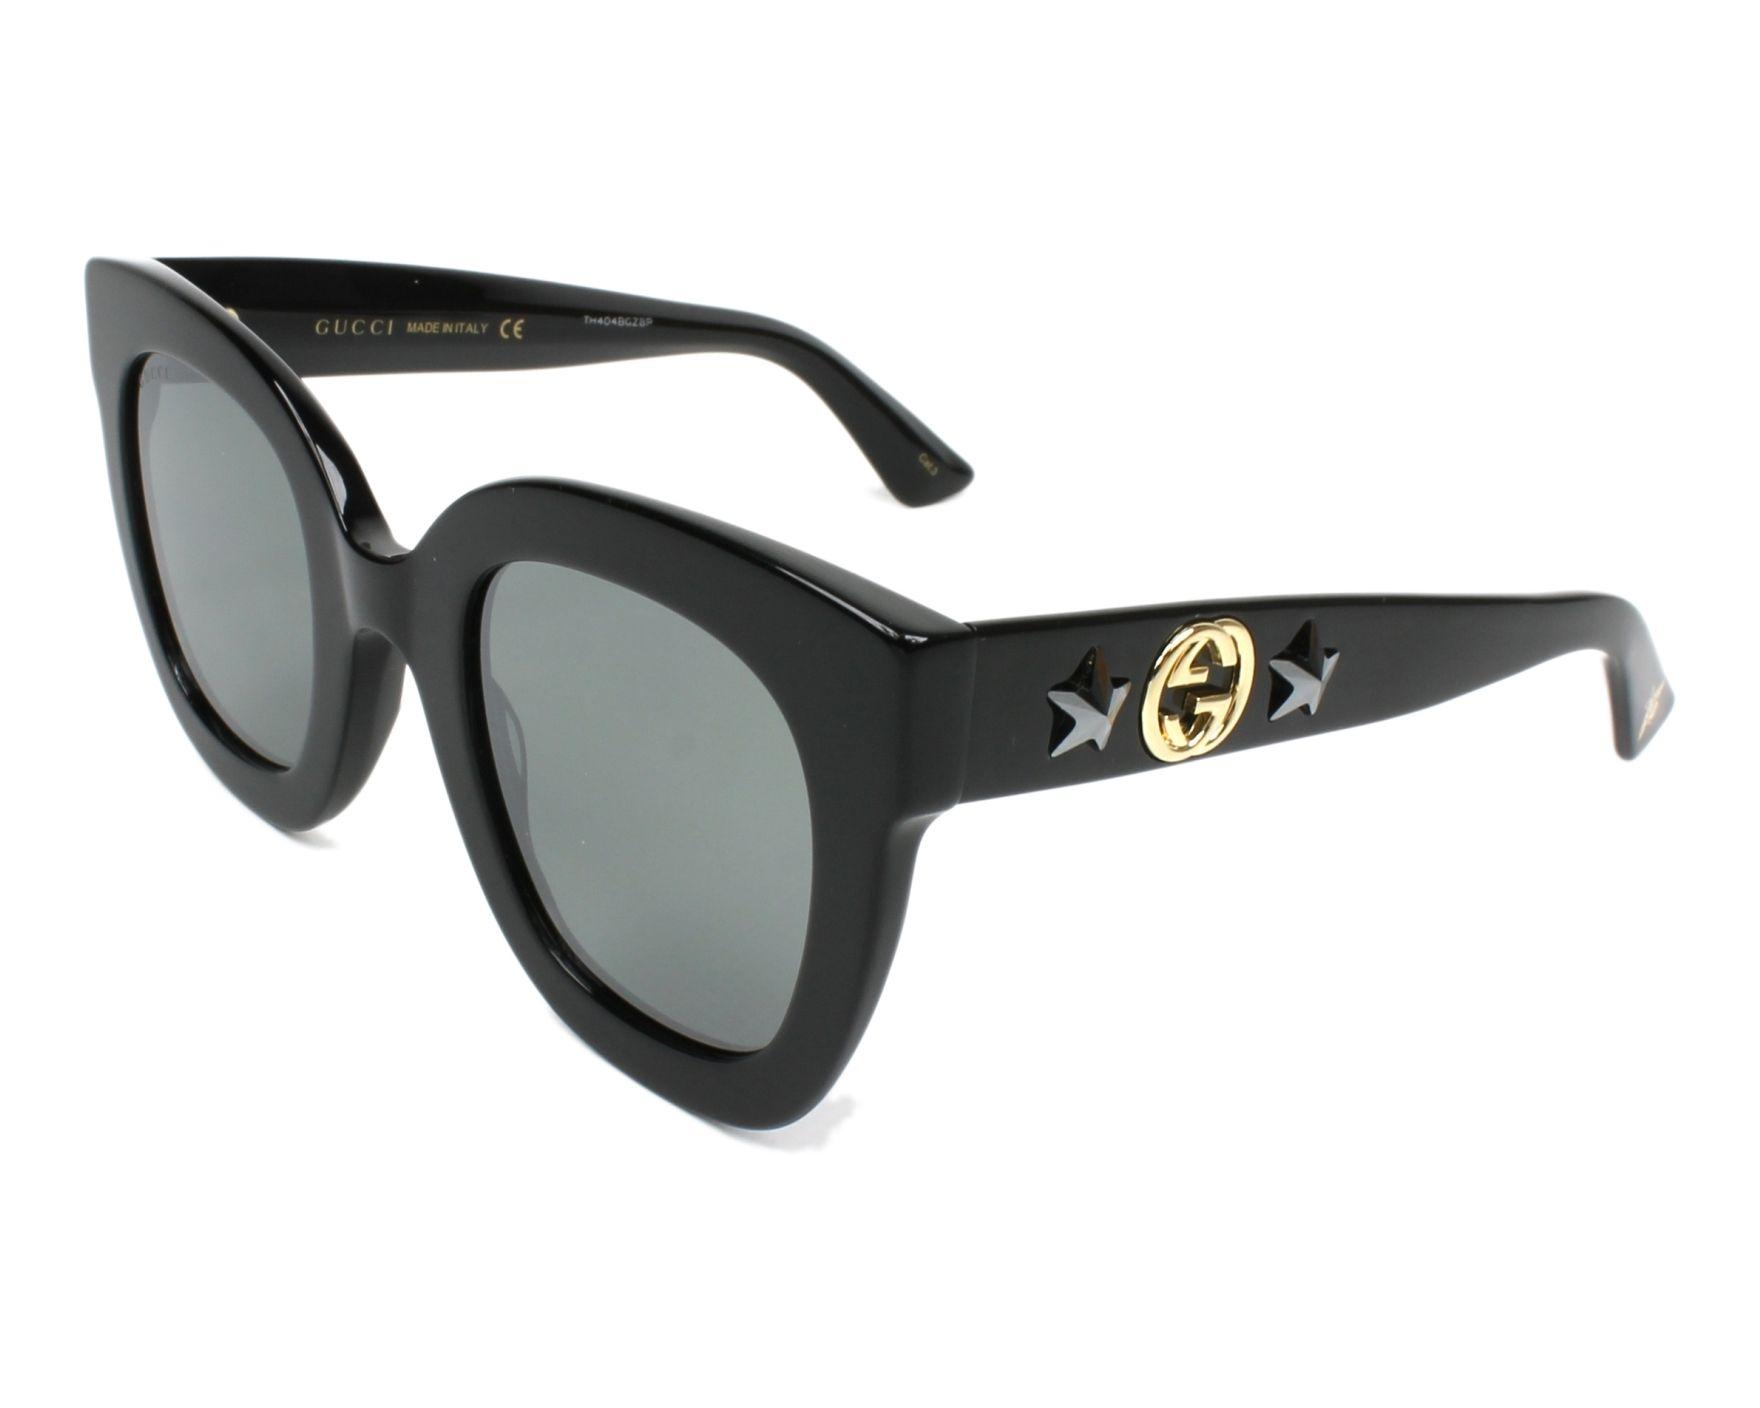 08382d641be Gafas de sol Gucci GG-0208-S 002 49-28 Negra vista de